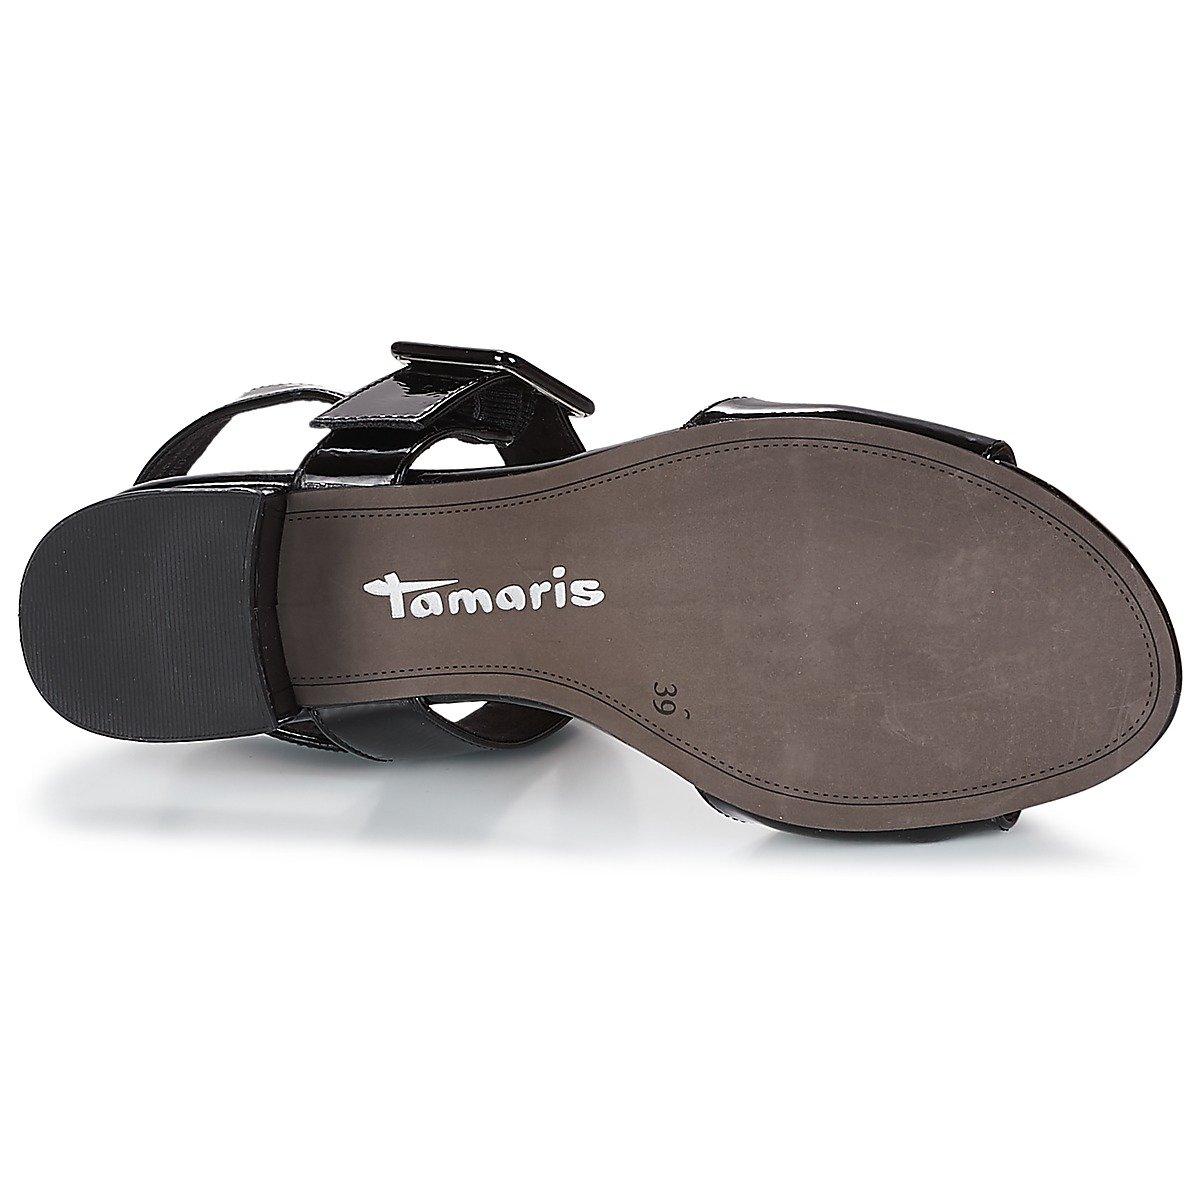 Tamaris Damen 28211 28211 28211 Slingback Sandalen Schwarz d9f8d1